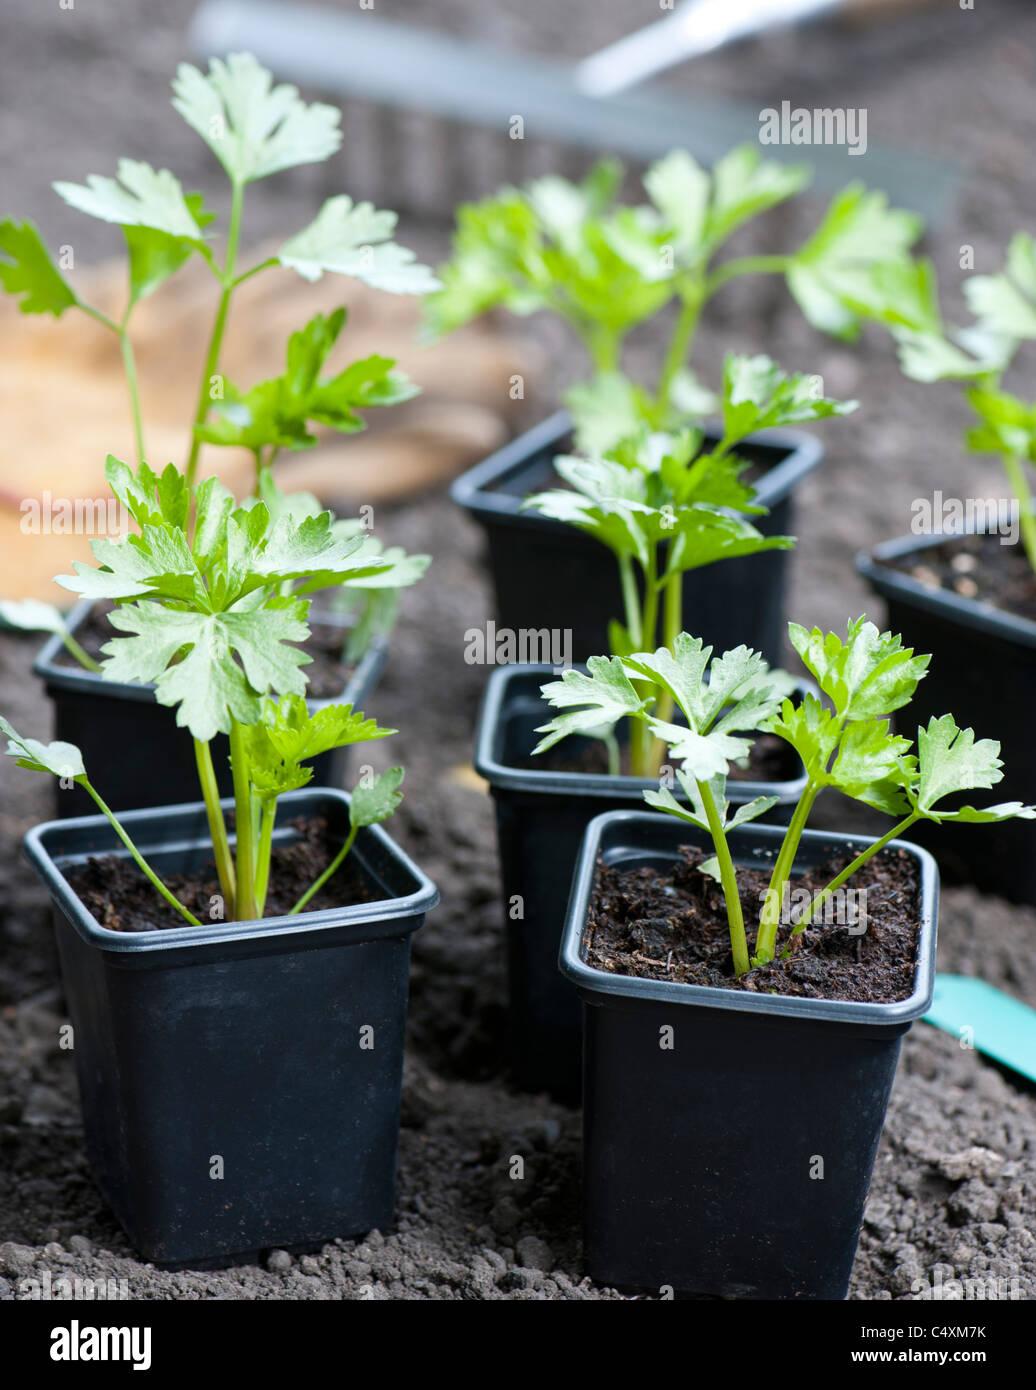 Les jeunes plants de céleri-rave géant (Prague) Prêts pour la plantation dans le jardin Photo Stock